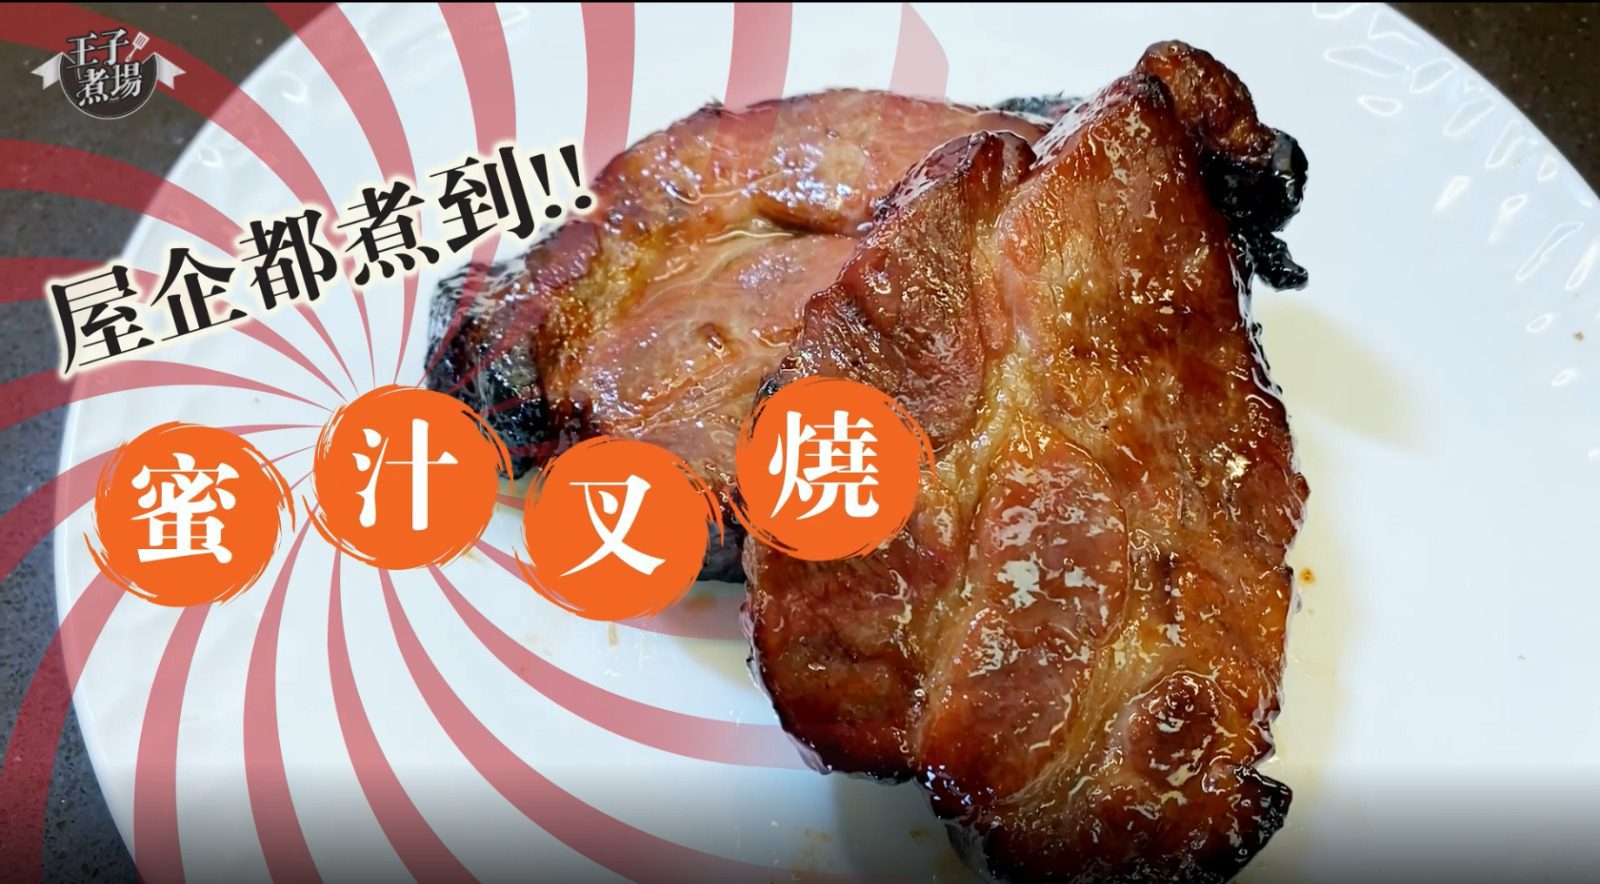 【有片】王子煮場 – 自製茶餐廳美食 氣炸鍋DIY 焦香彈牙靚叉燒